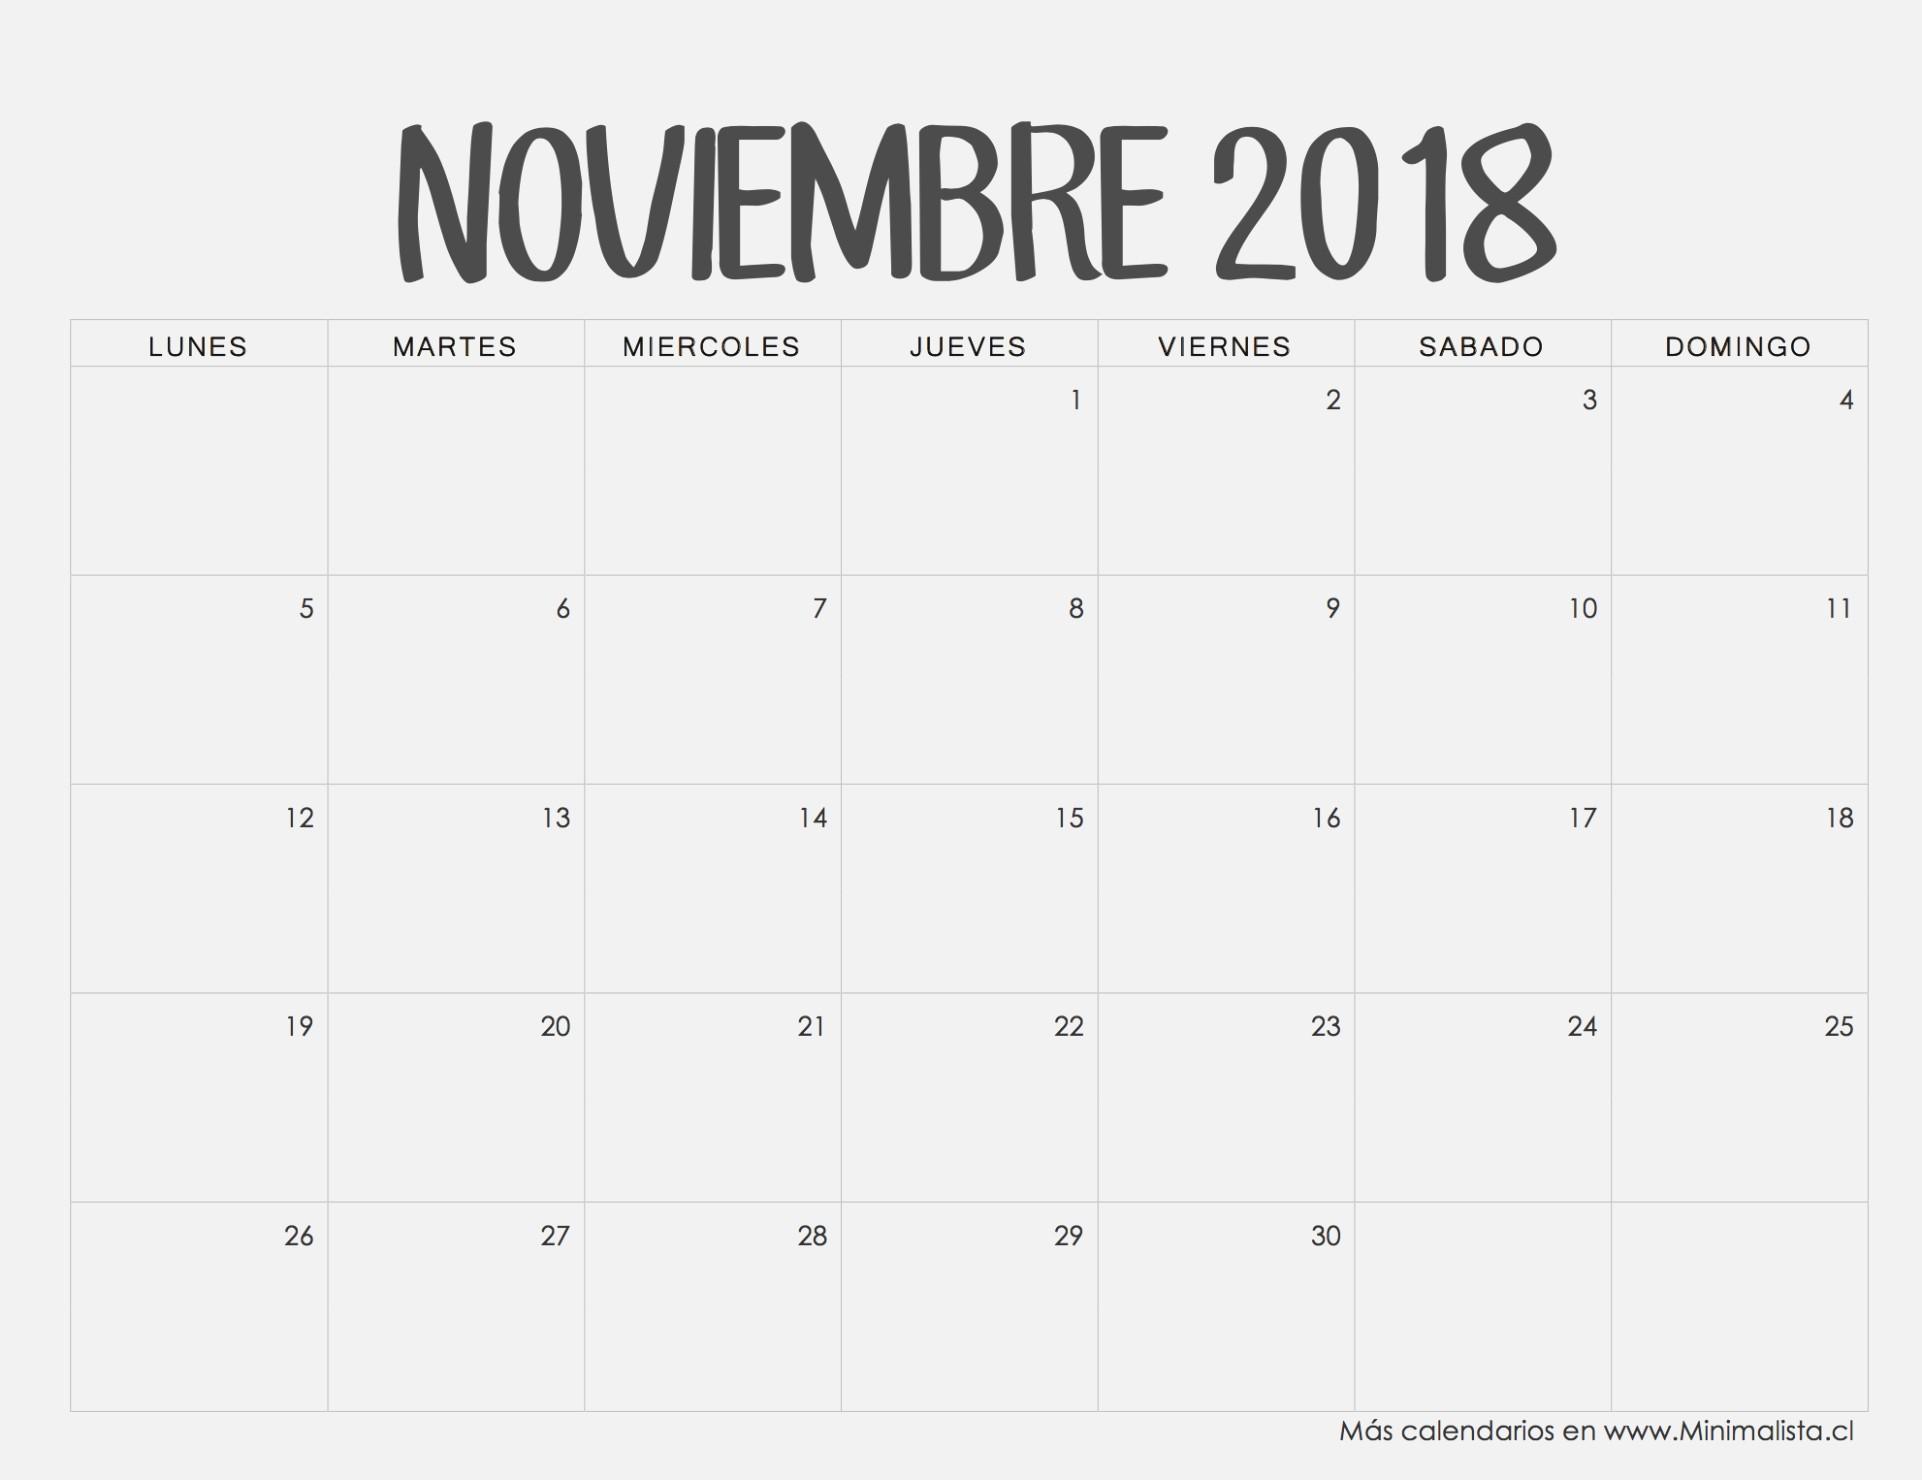 Calendarios para imprimir minimalista calendario para png 1922x1480 Calendario para imprimir